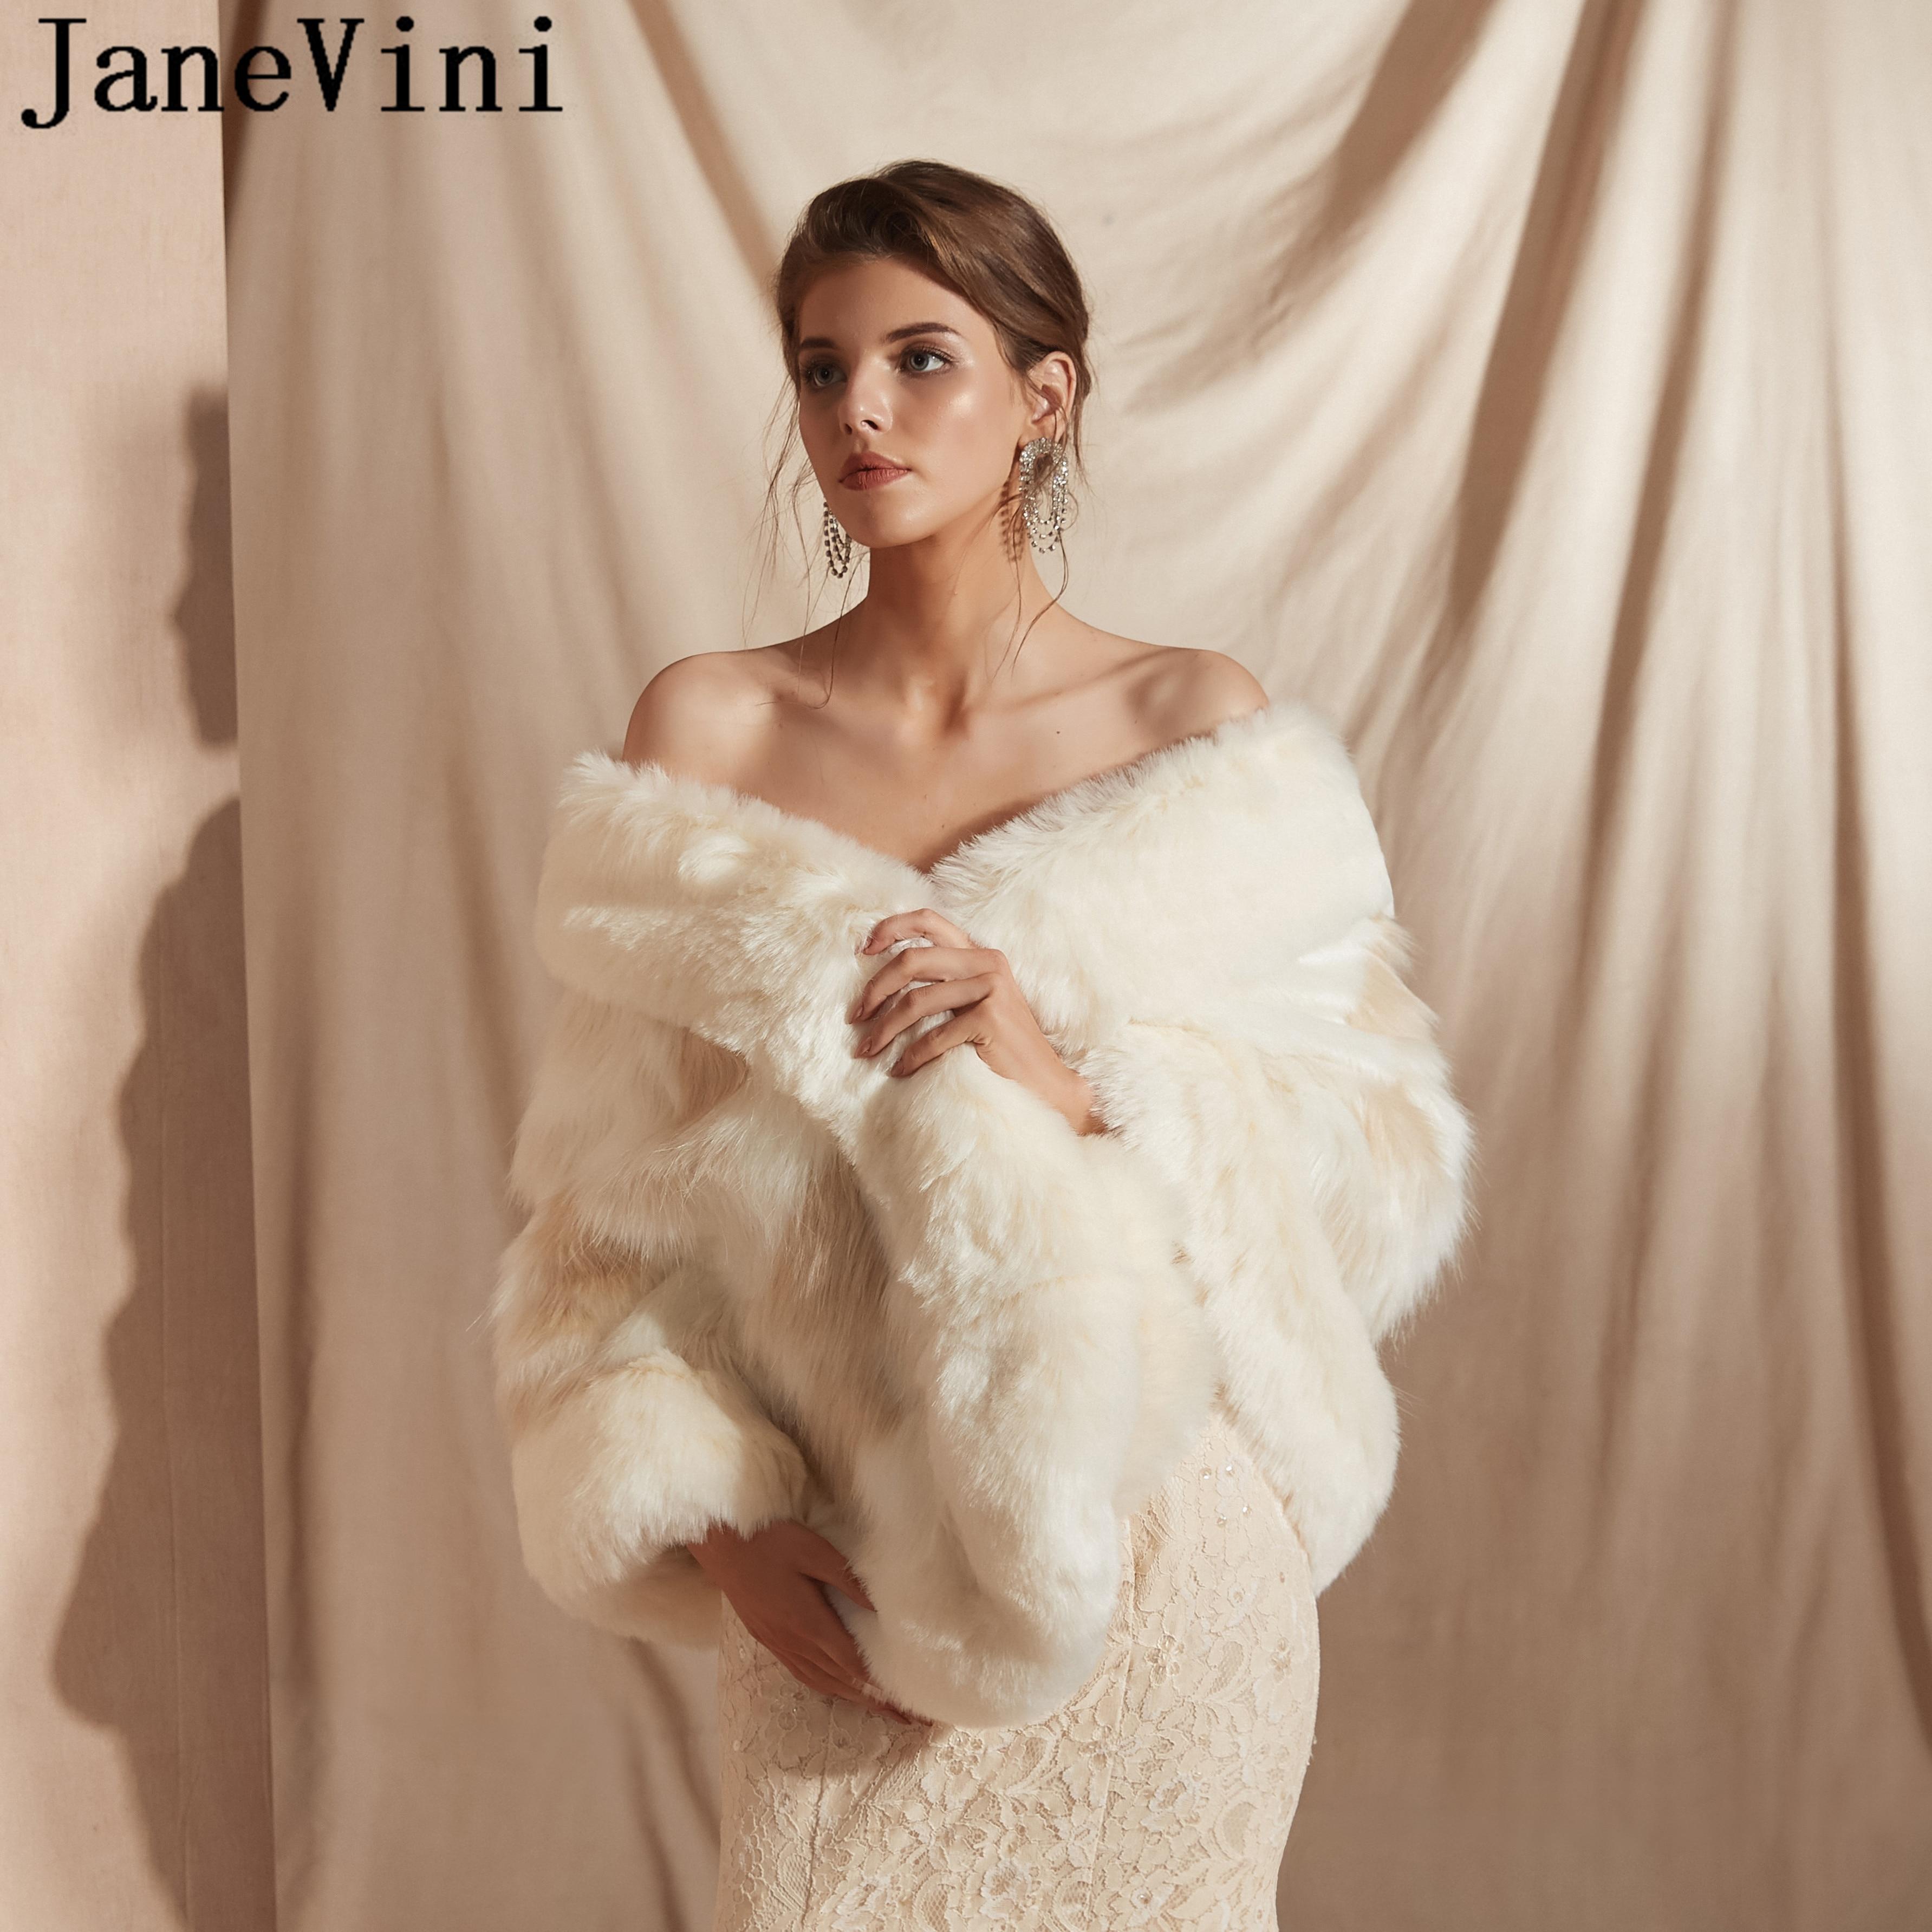 JaneVini, свадебная шаль, искусственный мех, накидка, вечернее платье, болеро, свадебное меховое пальто, палантин, женские кейпы, болеро, Etole, шика